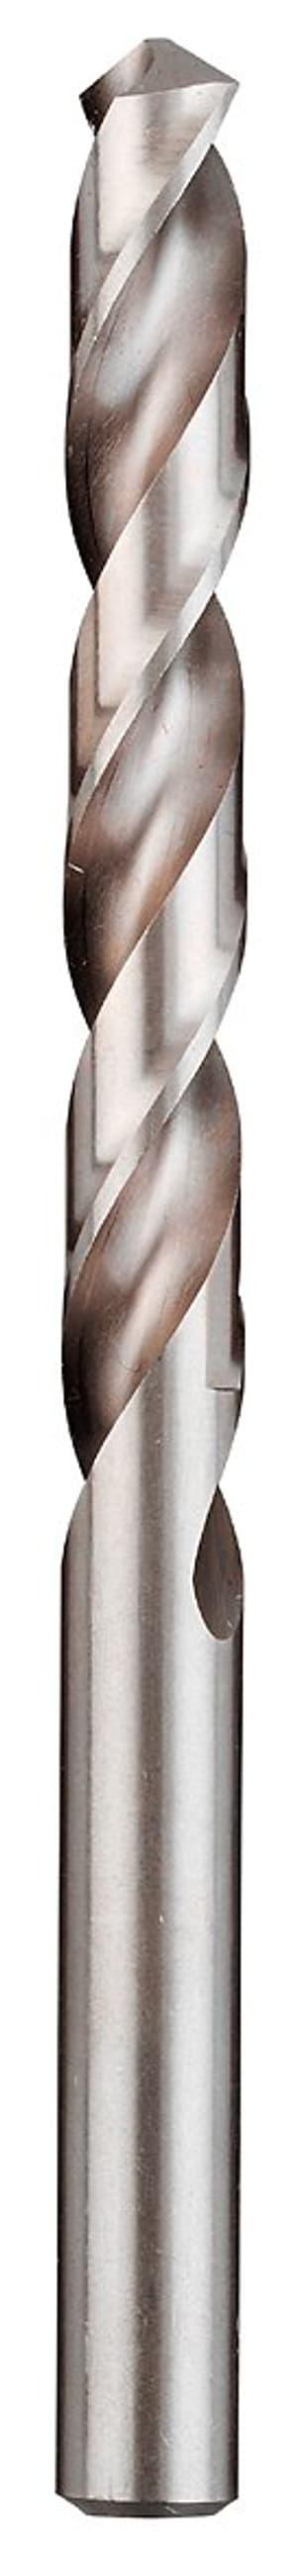 SILVER STAR Punta elicoidale HSS, ø 10.2 mm